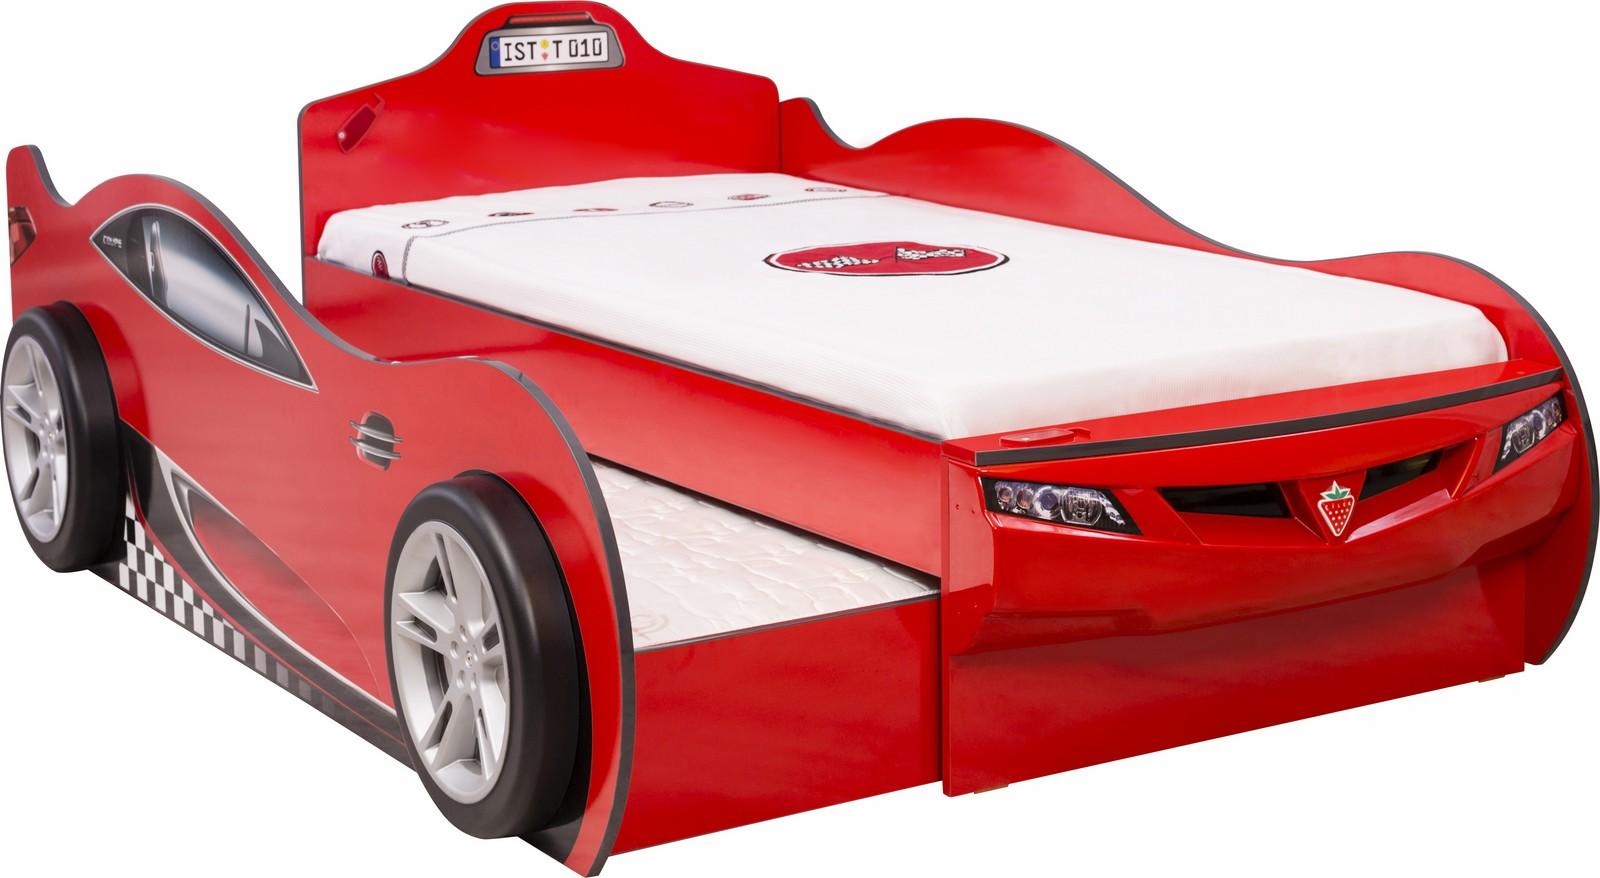 Autobed Slaapkamer : Autobedden / Kinderbedden